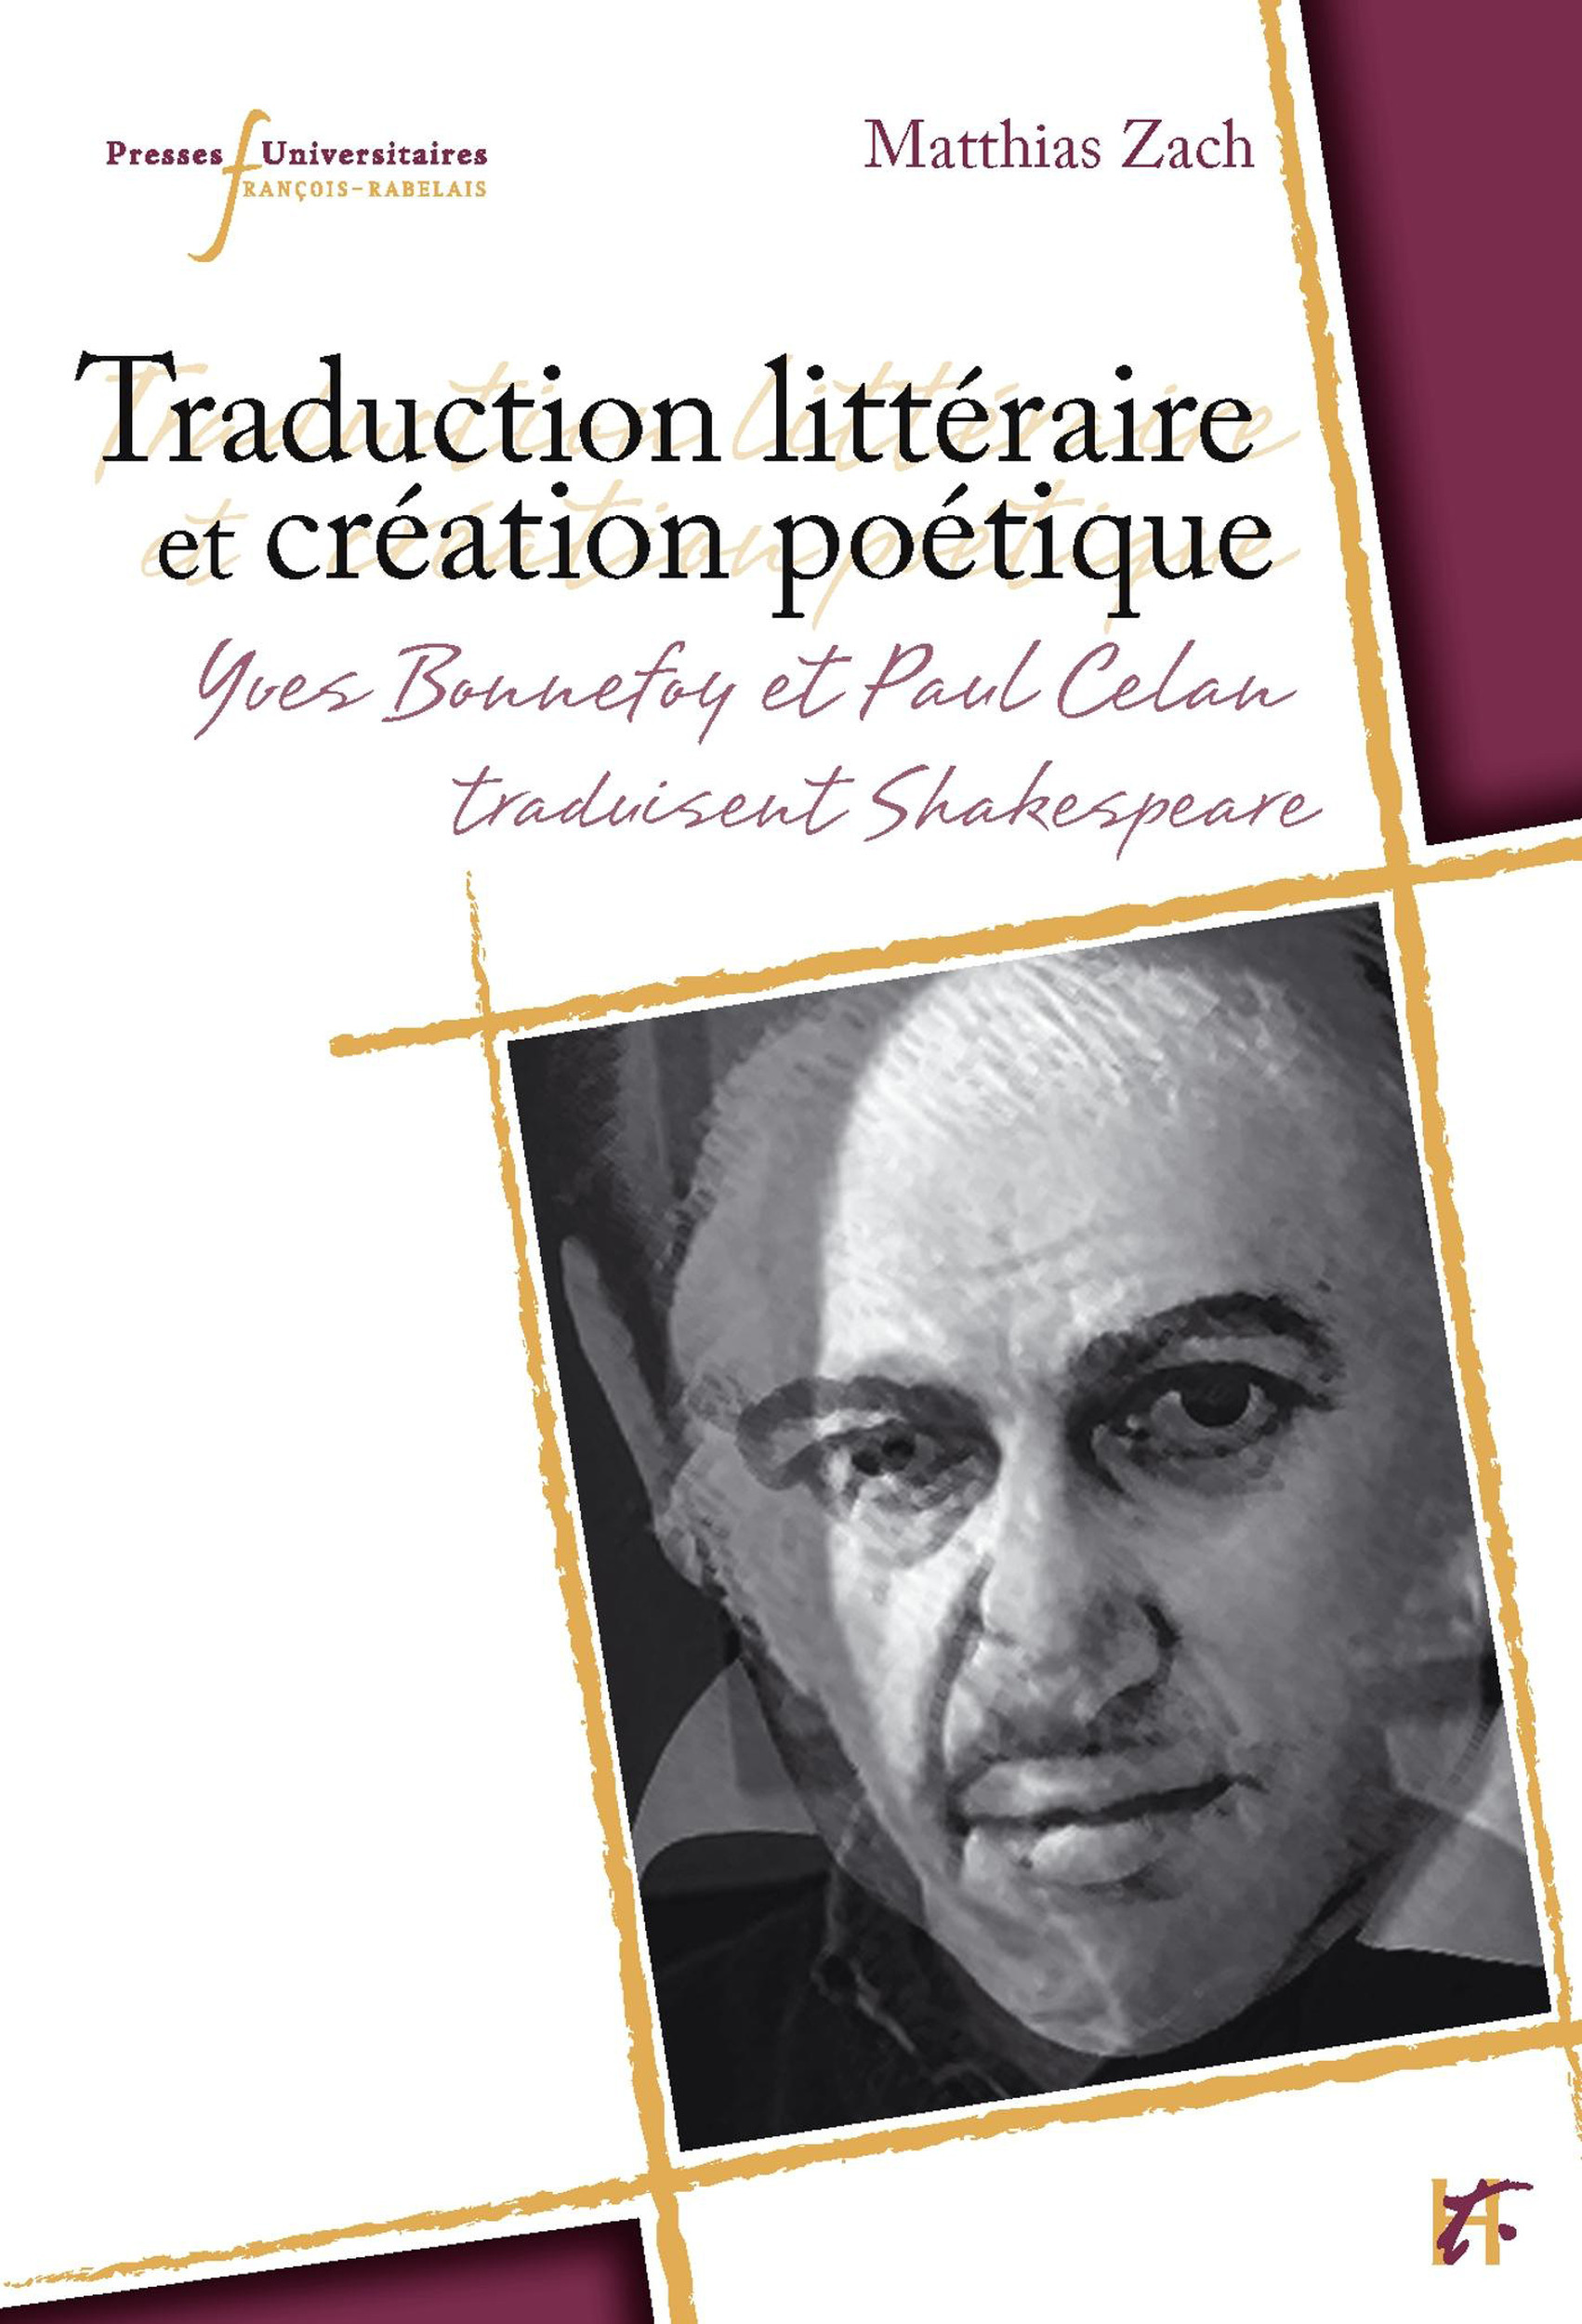 Traduction littéraire et création poétique ; Yves Bonnefoy et Paul Celan traduisent Shakespeare